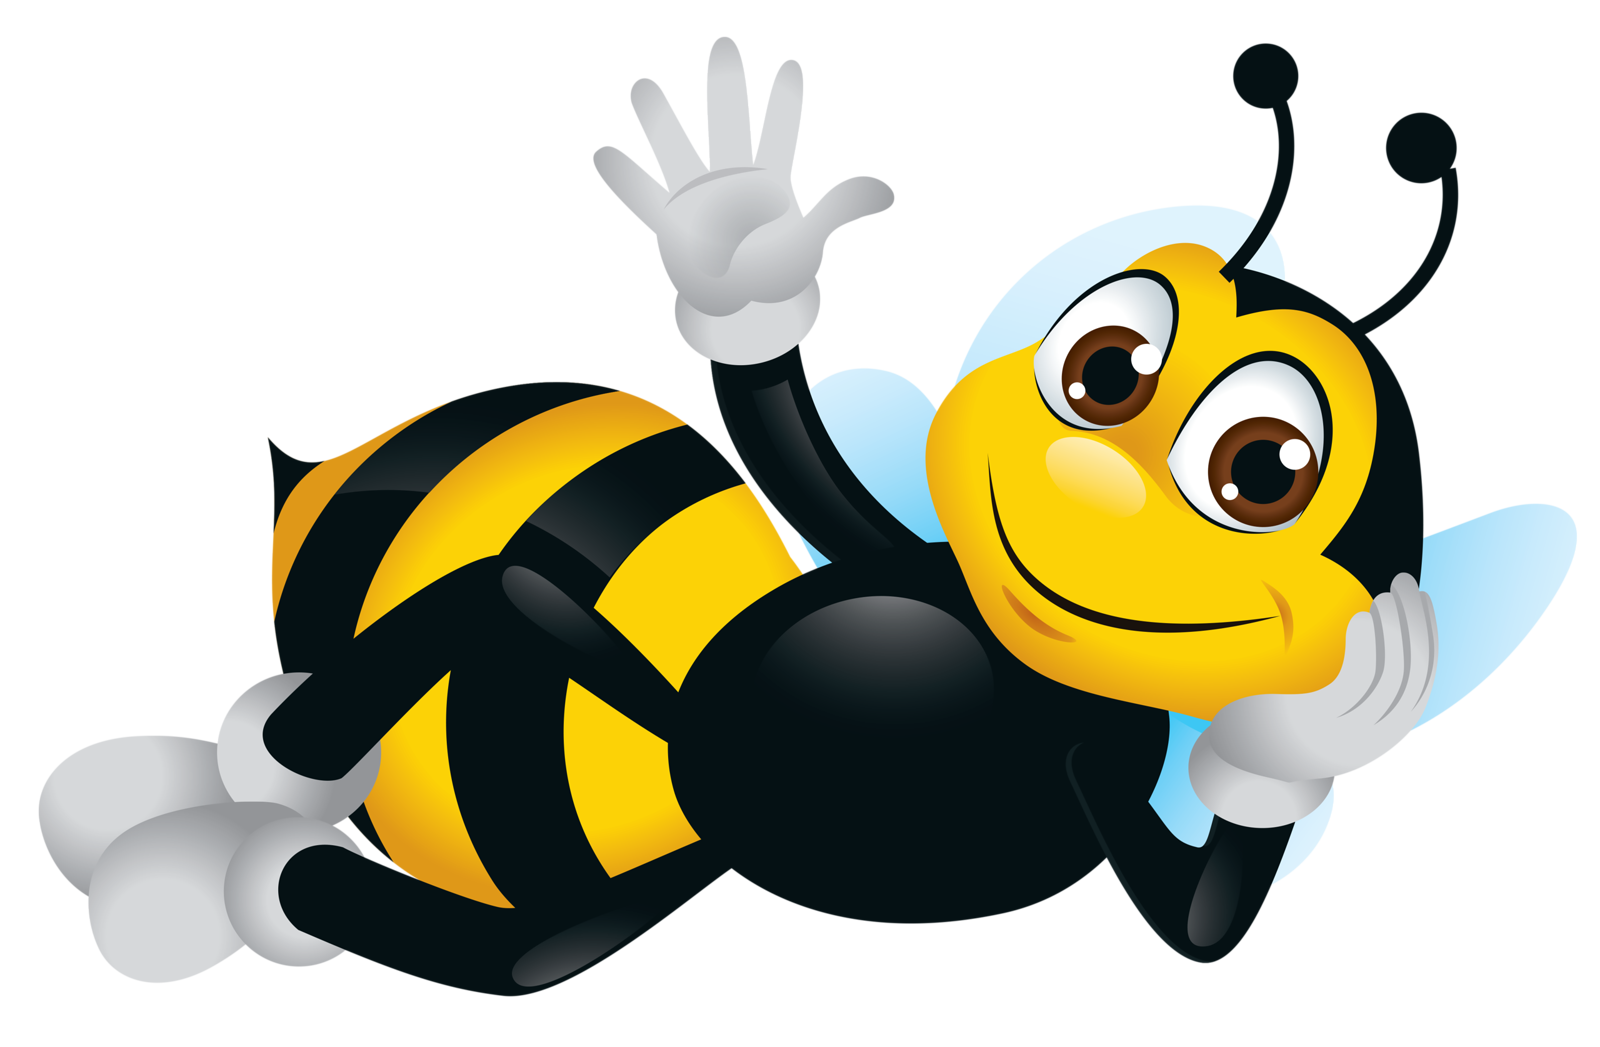 Картинках, смешная картинка с пчелой